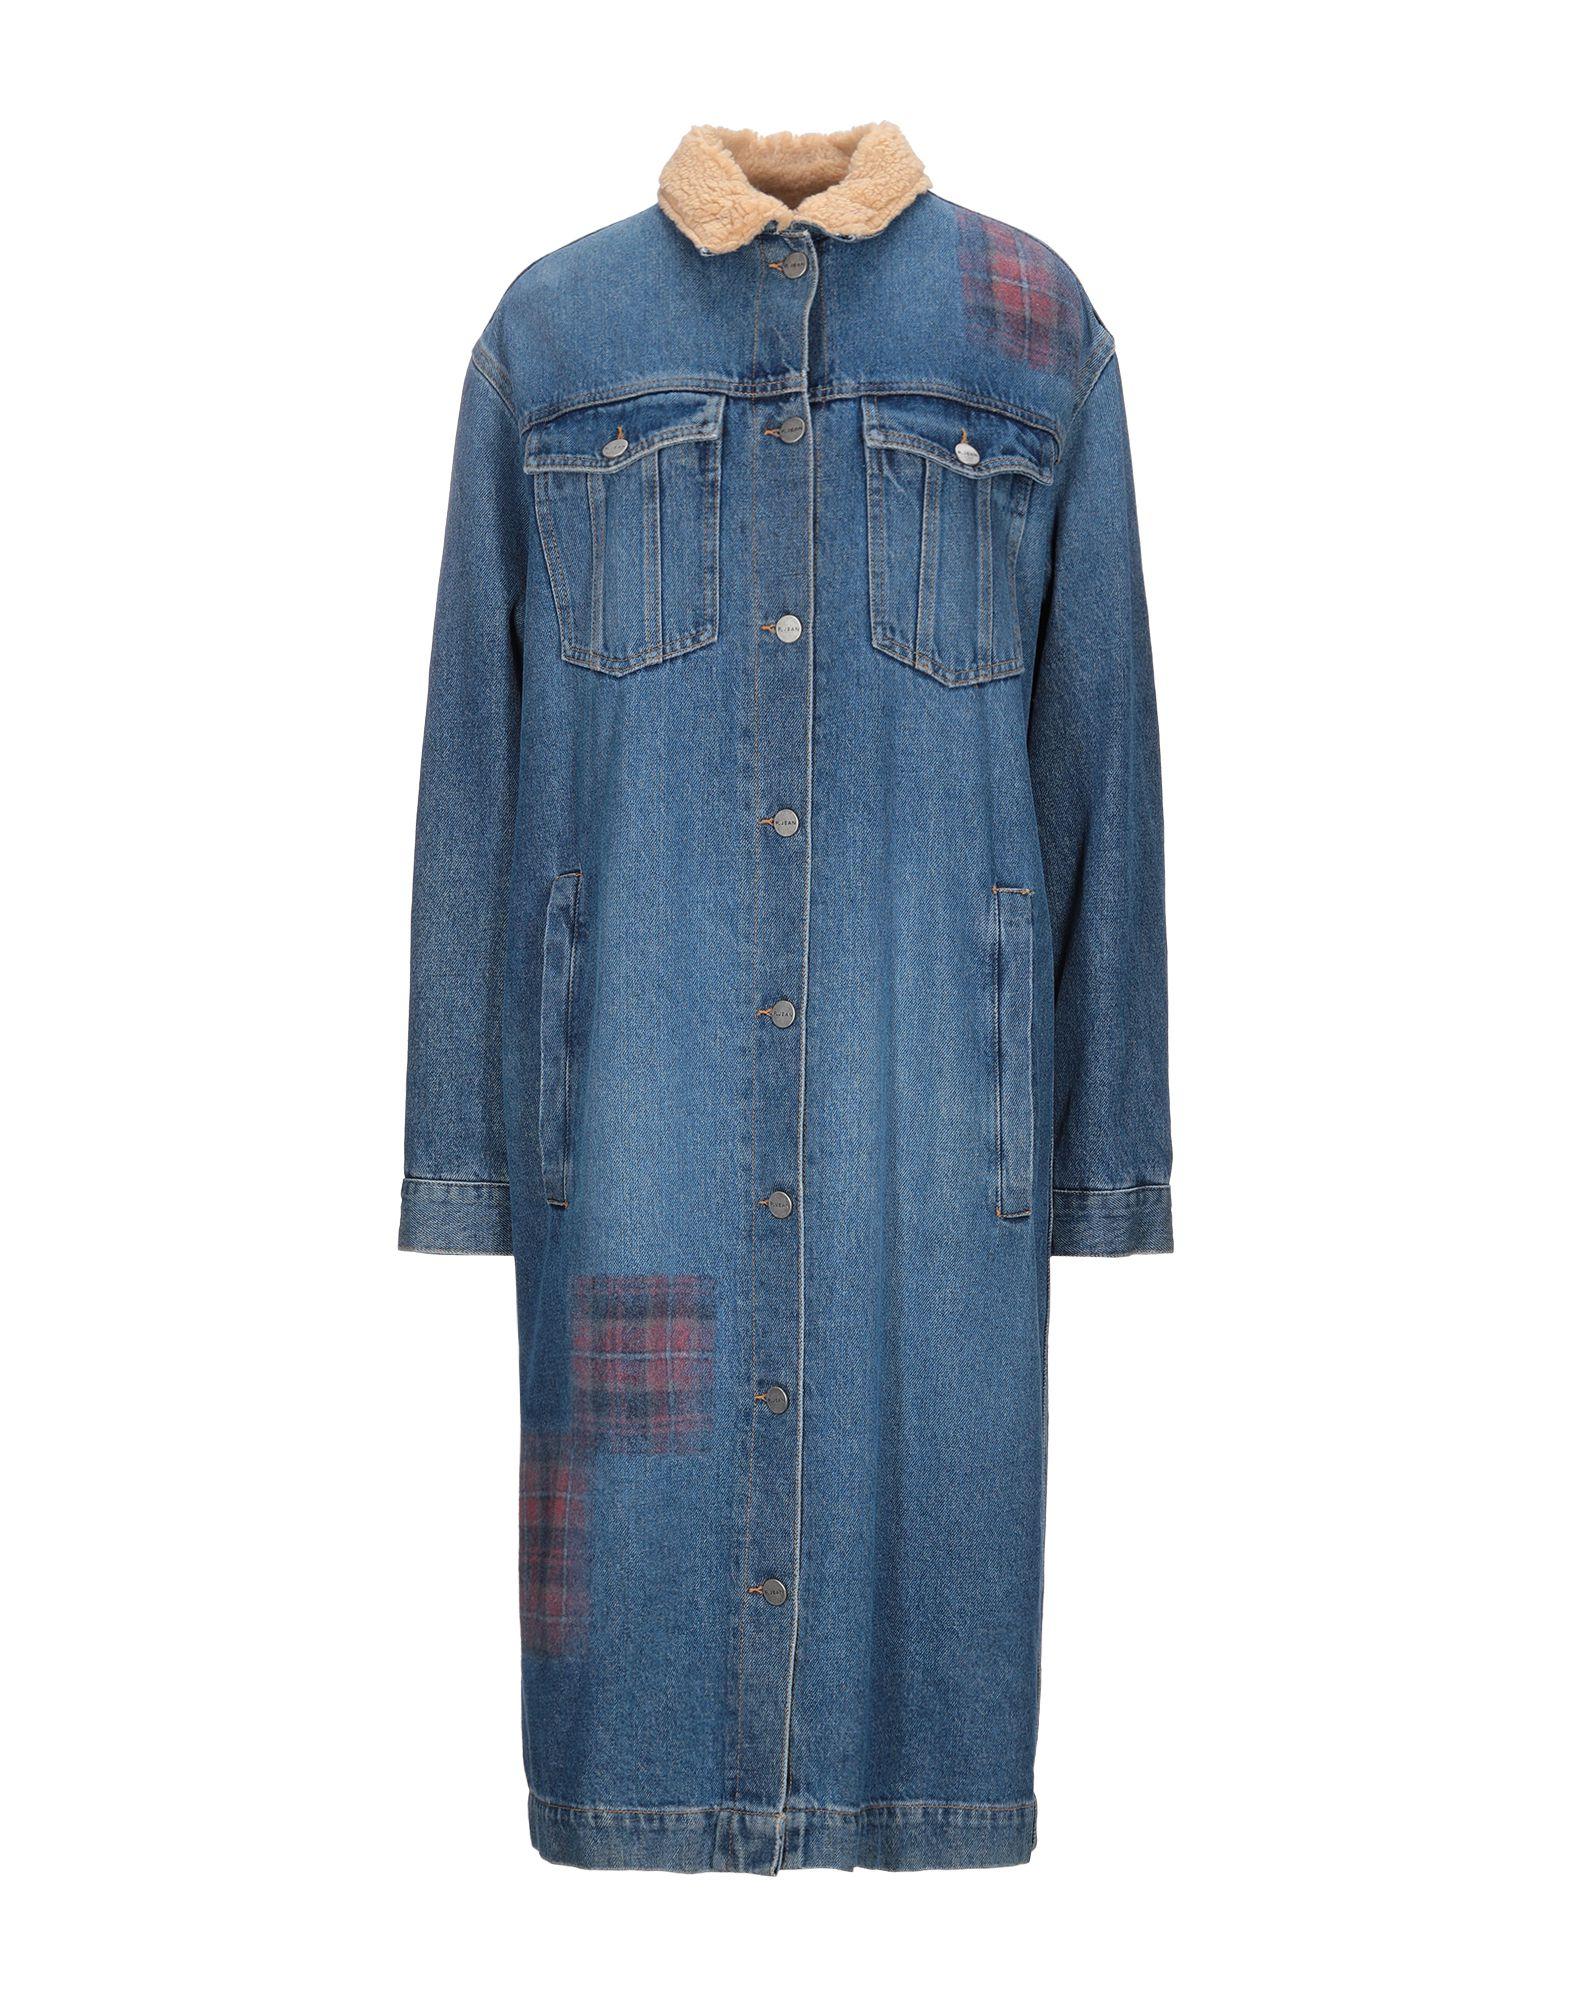 P_JEAN Джинсовая верхняя одежда